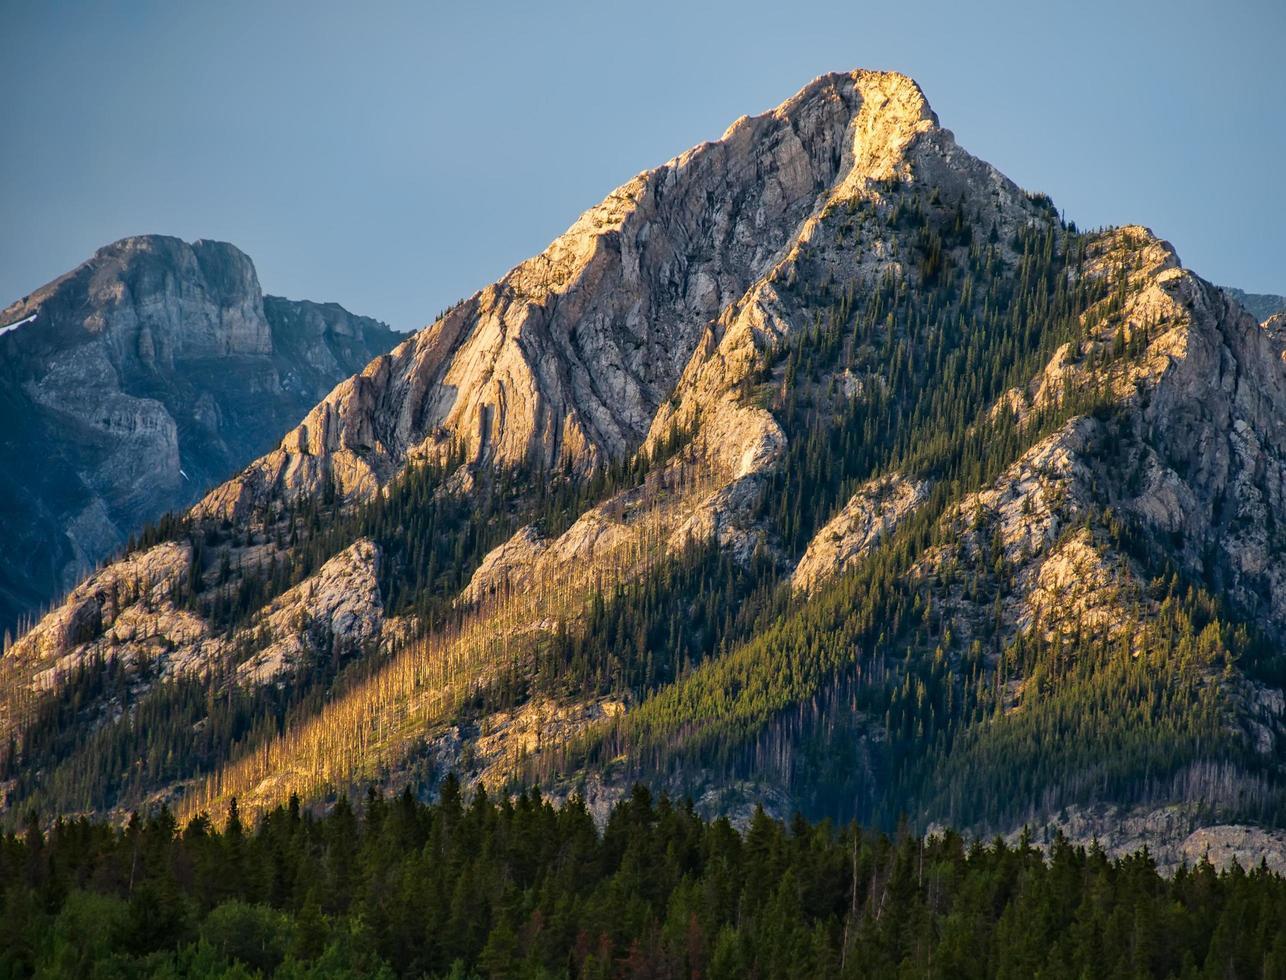 paysage de montagnes rocheuses au coucher du soleil photo